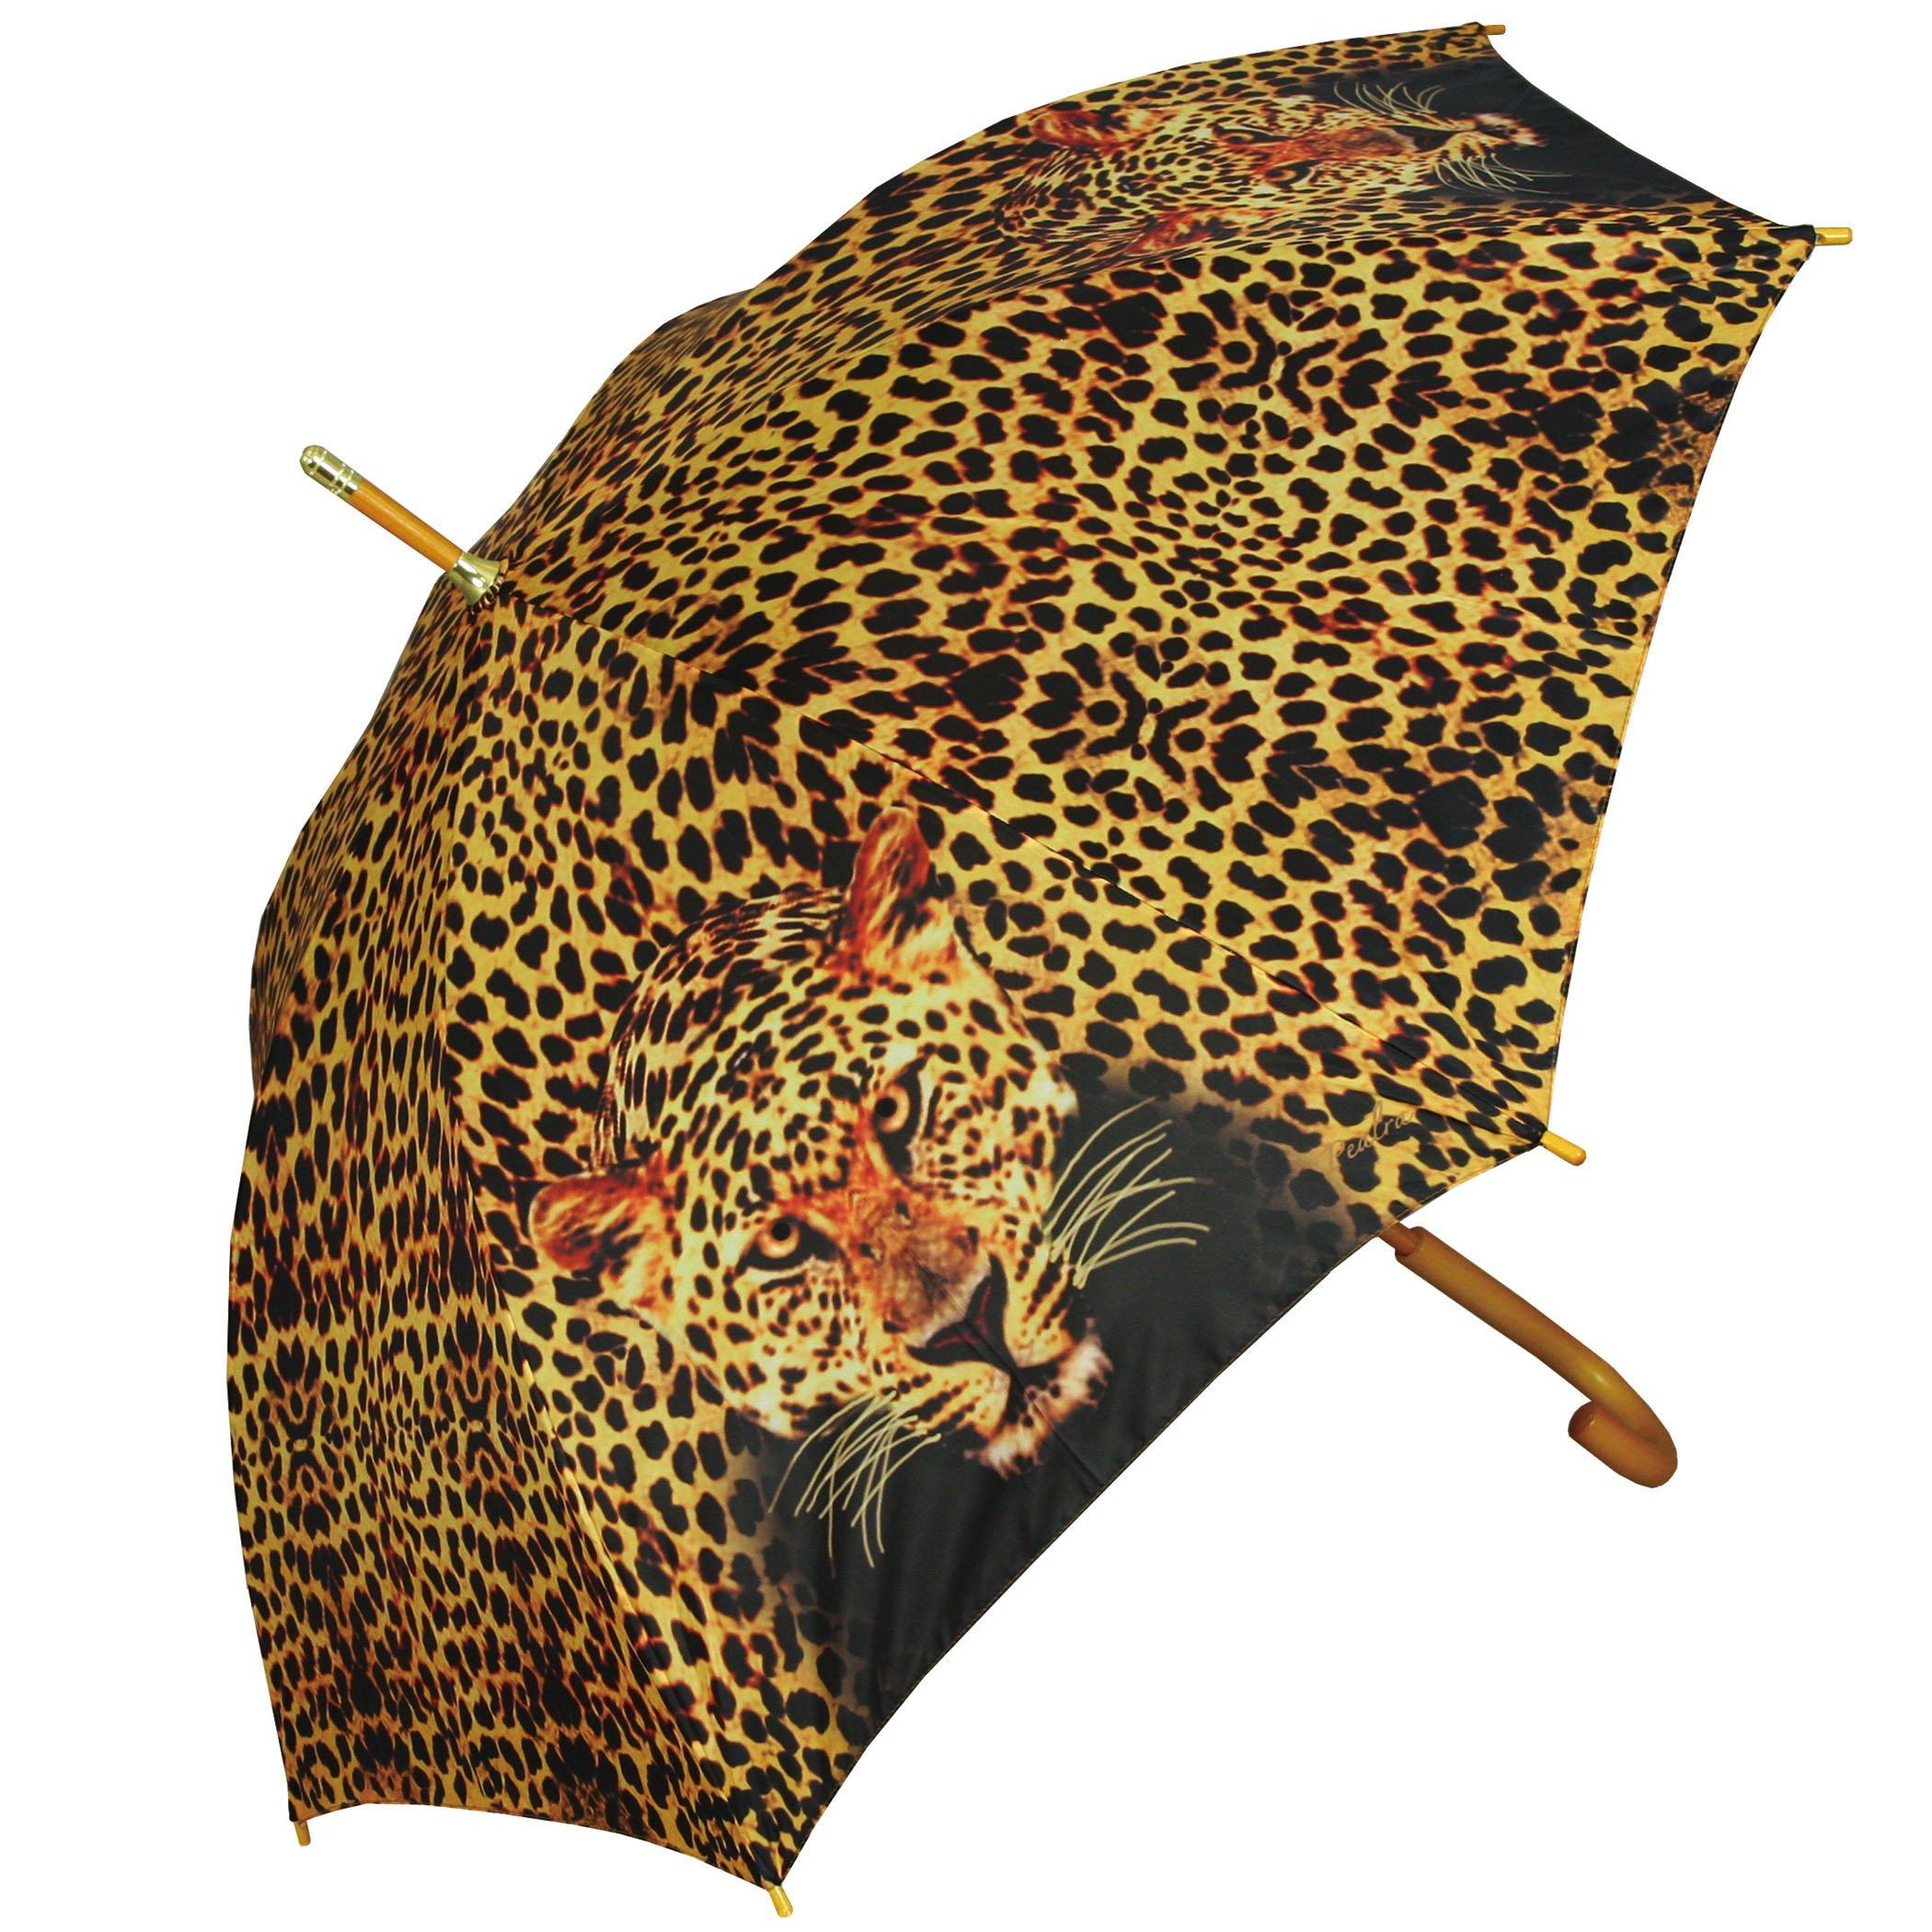 PealRa Leopard Umbrella